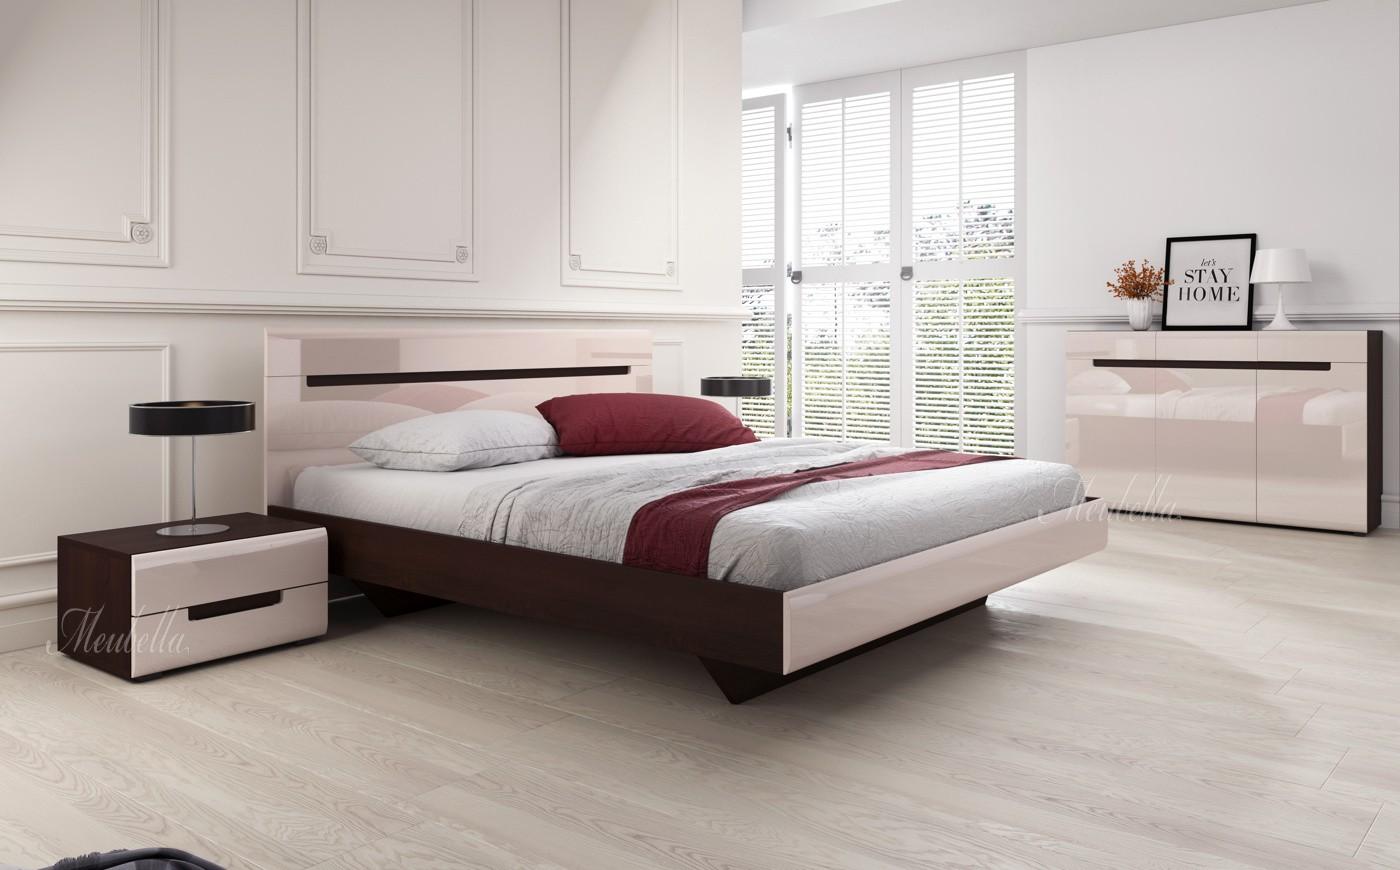 Creme slaapkamer beste inspiratie voor interieur design en meubels idee n - Klein slaapkamer design ...